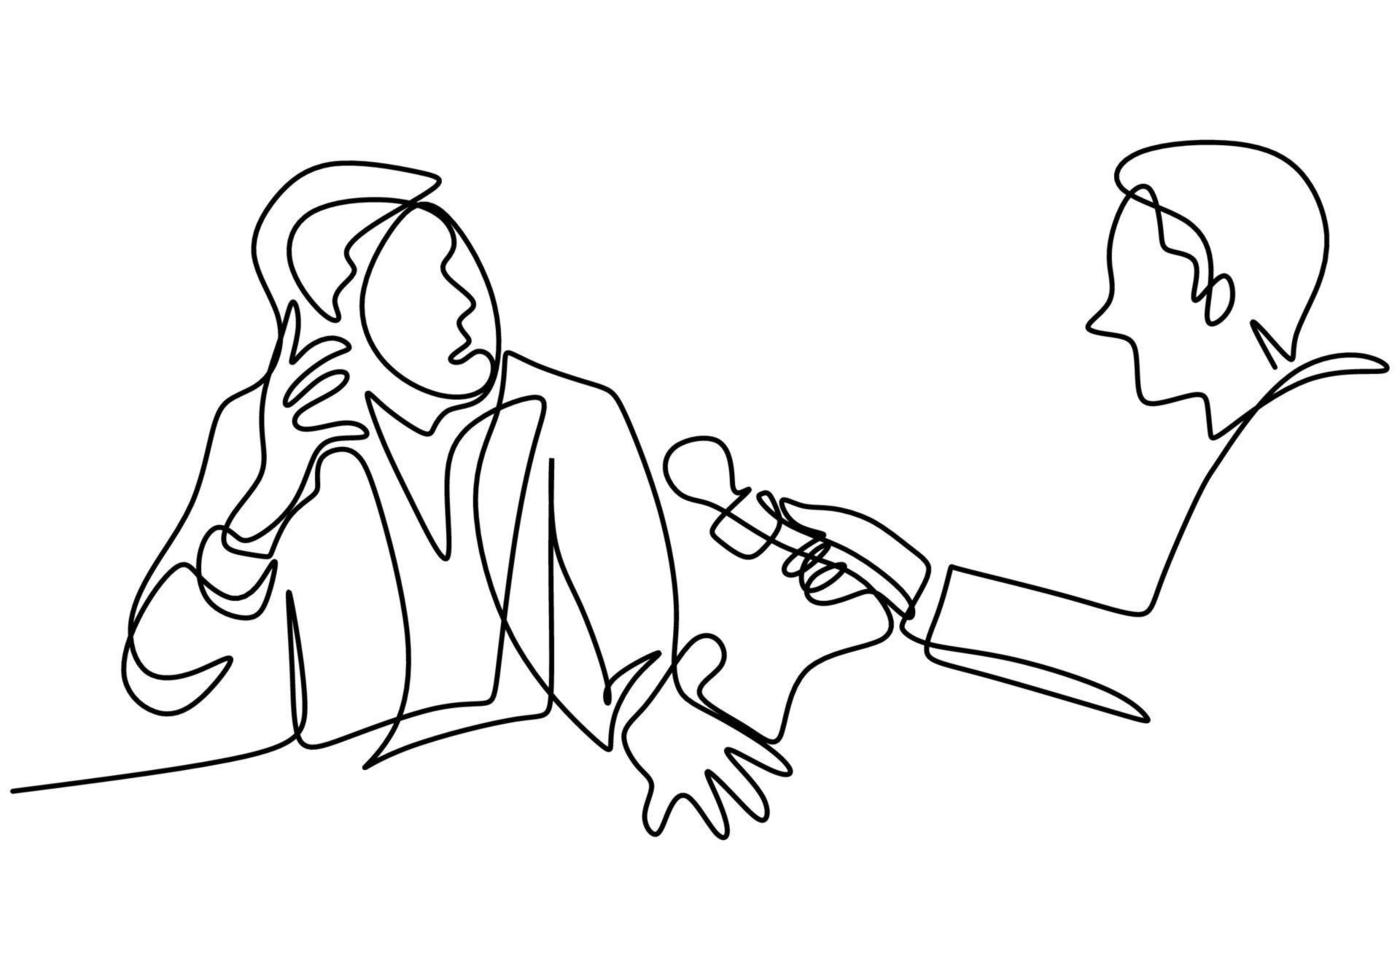 um desenho de linha contínua de um homem segurando um microfone na mão e fazendo uma pergunta a outro homem vetor